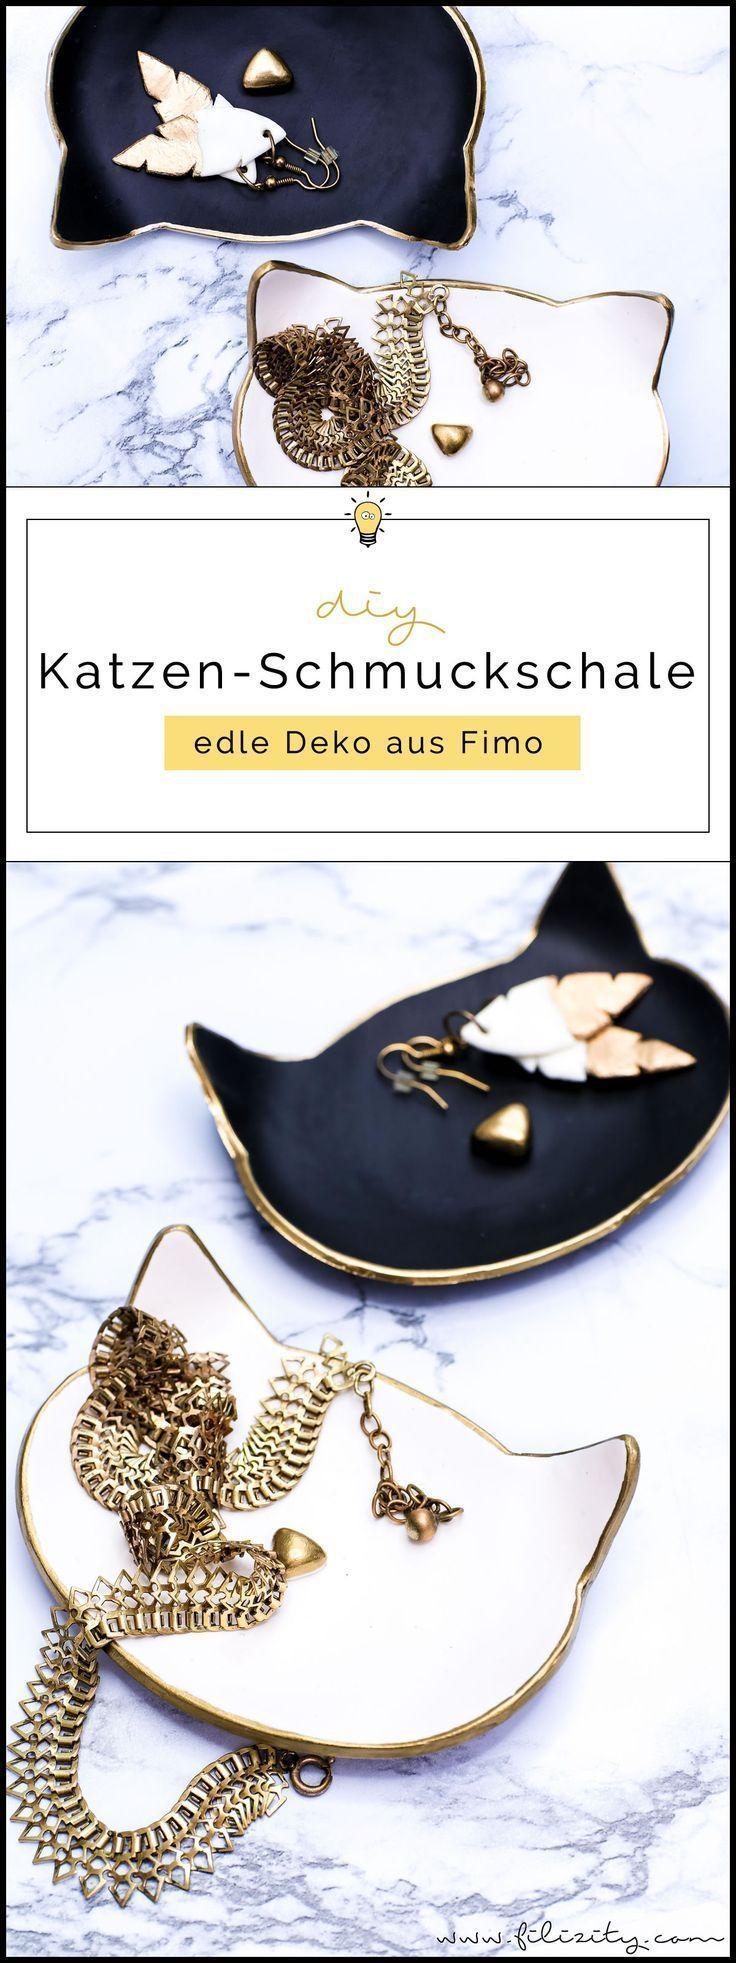 DIY mit Fimo: Katzen-Schmuckschalen selber machen | Filizity.com | DIY-Blog aus dem Rheinland